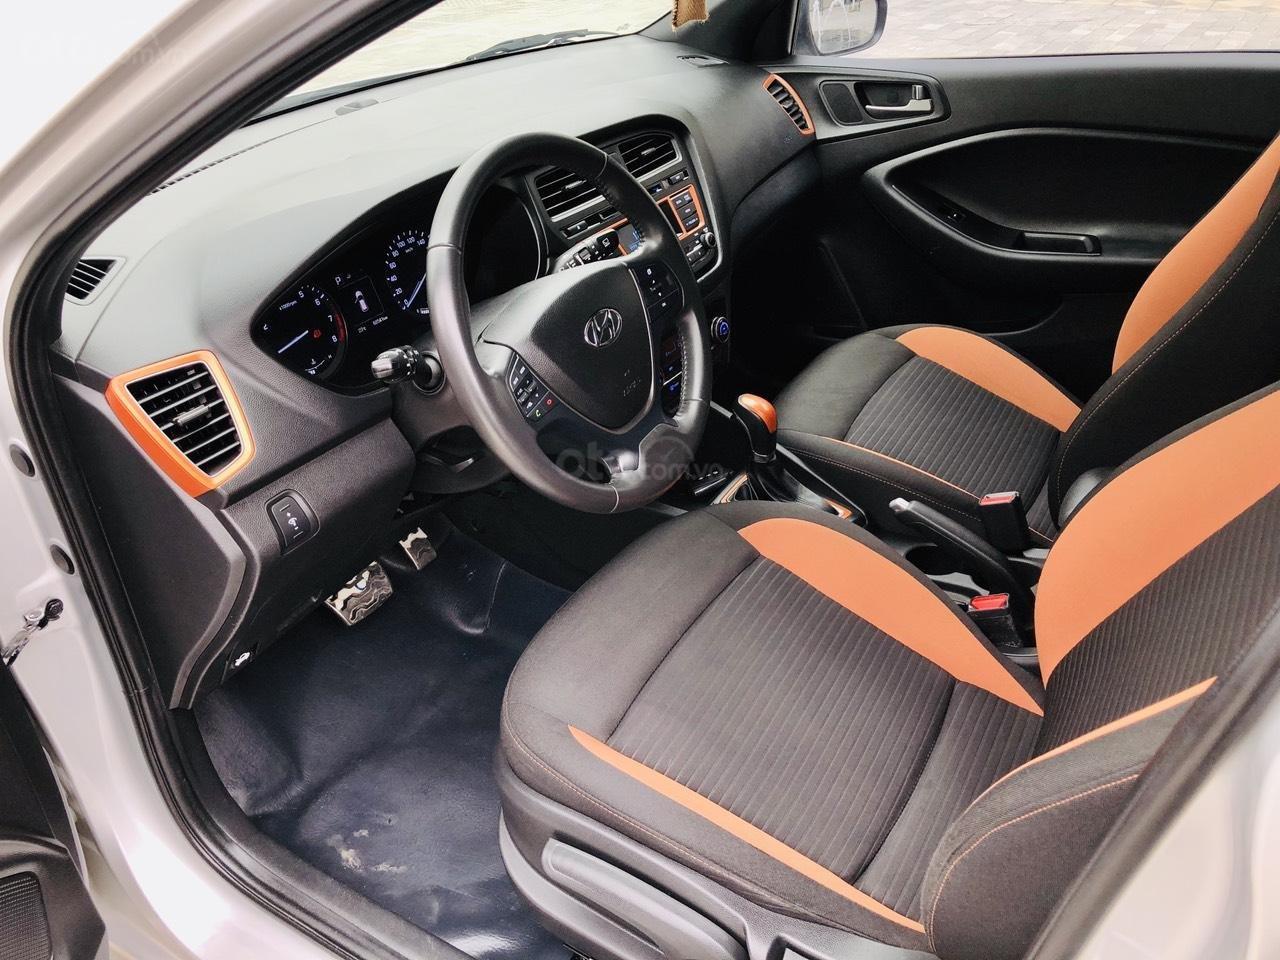 Bán nhanh Hyundai i20 1.4AT SX 2015 bạc, đẹp xuất sắc biển TP (5)